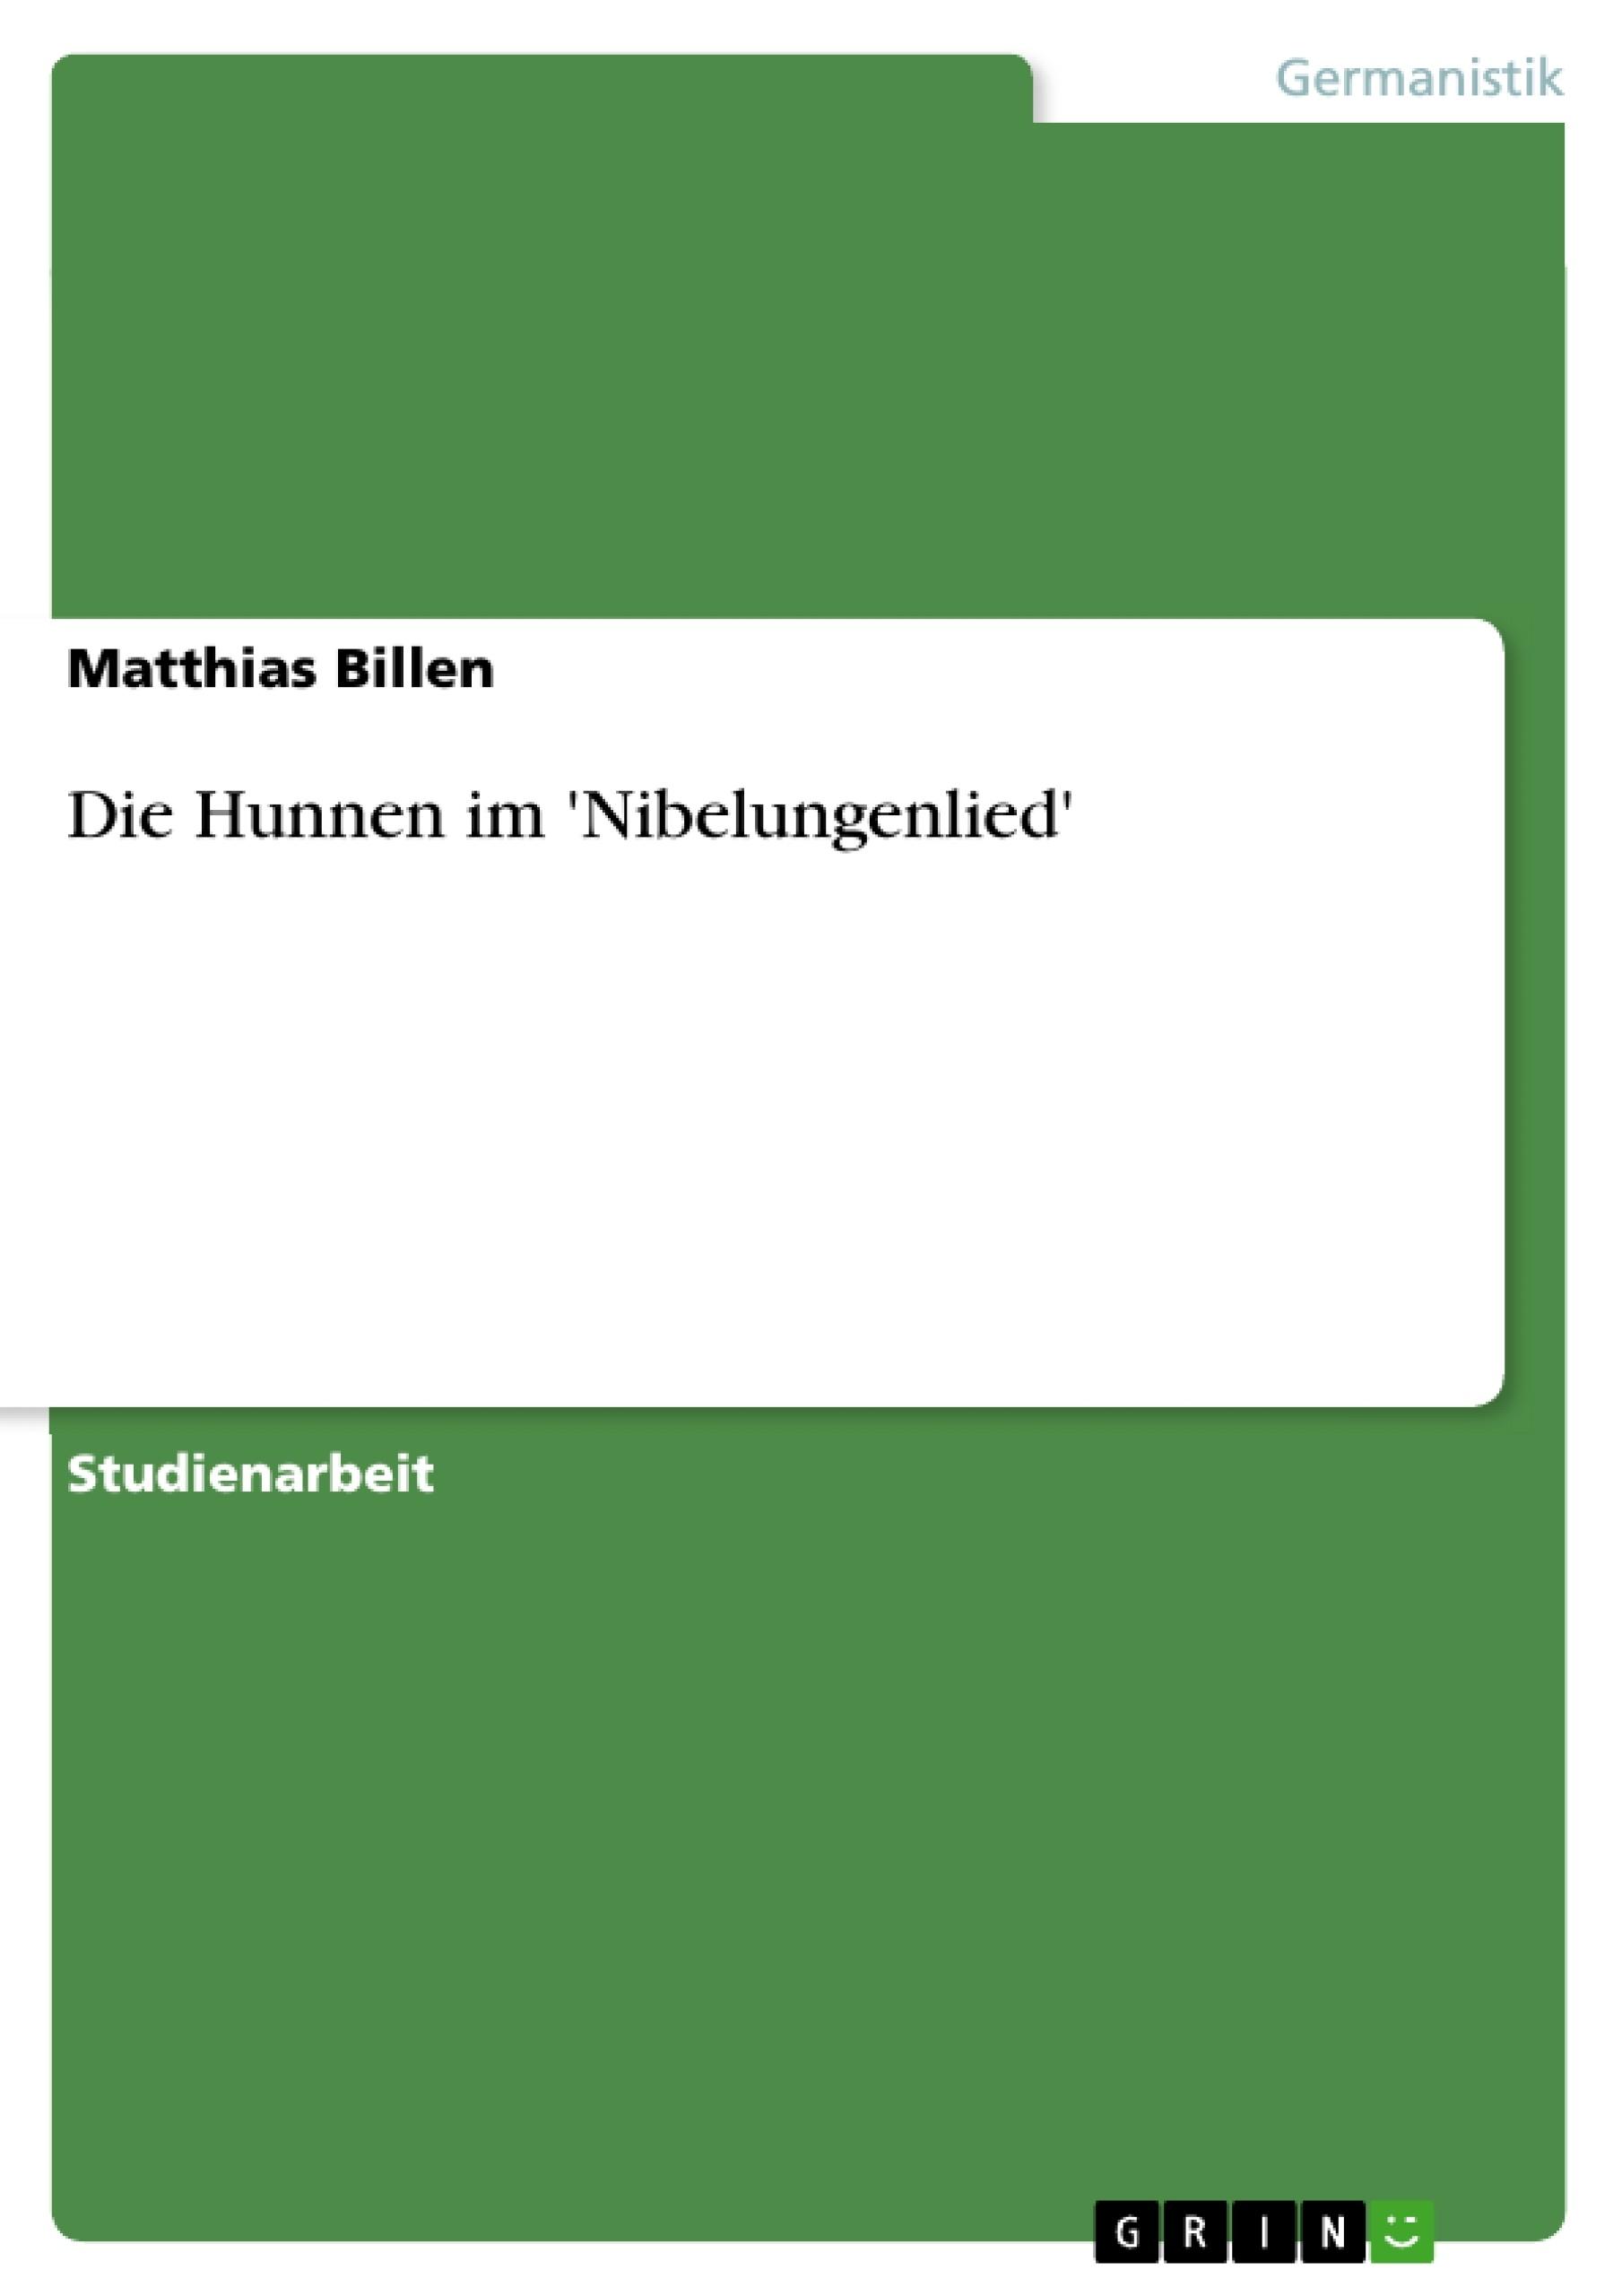 Titel: Die Hunnen im 'Nibelungenlied'